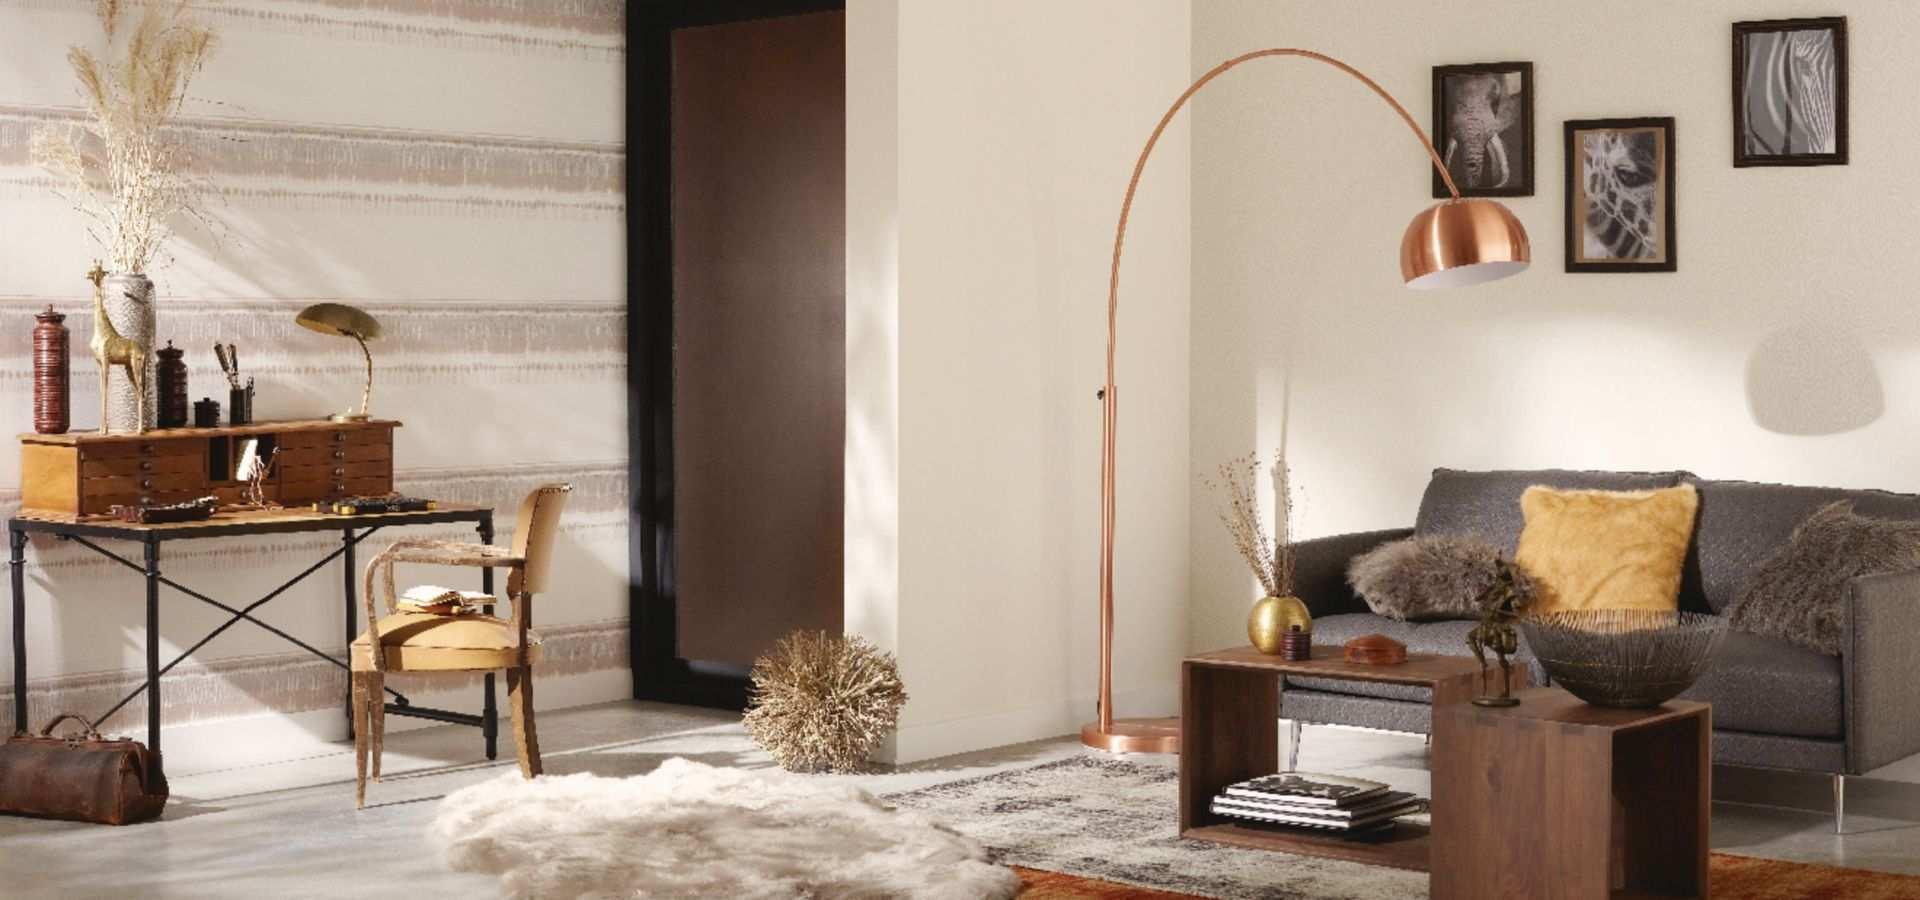 Bild Tapete Wohnzimmer beige Streifen